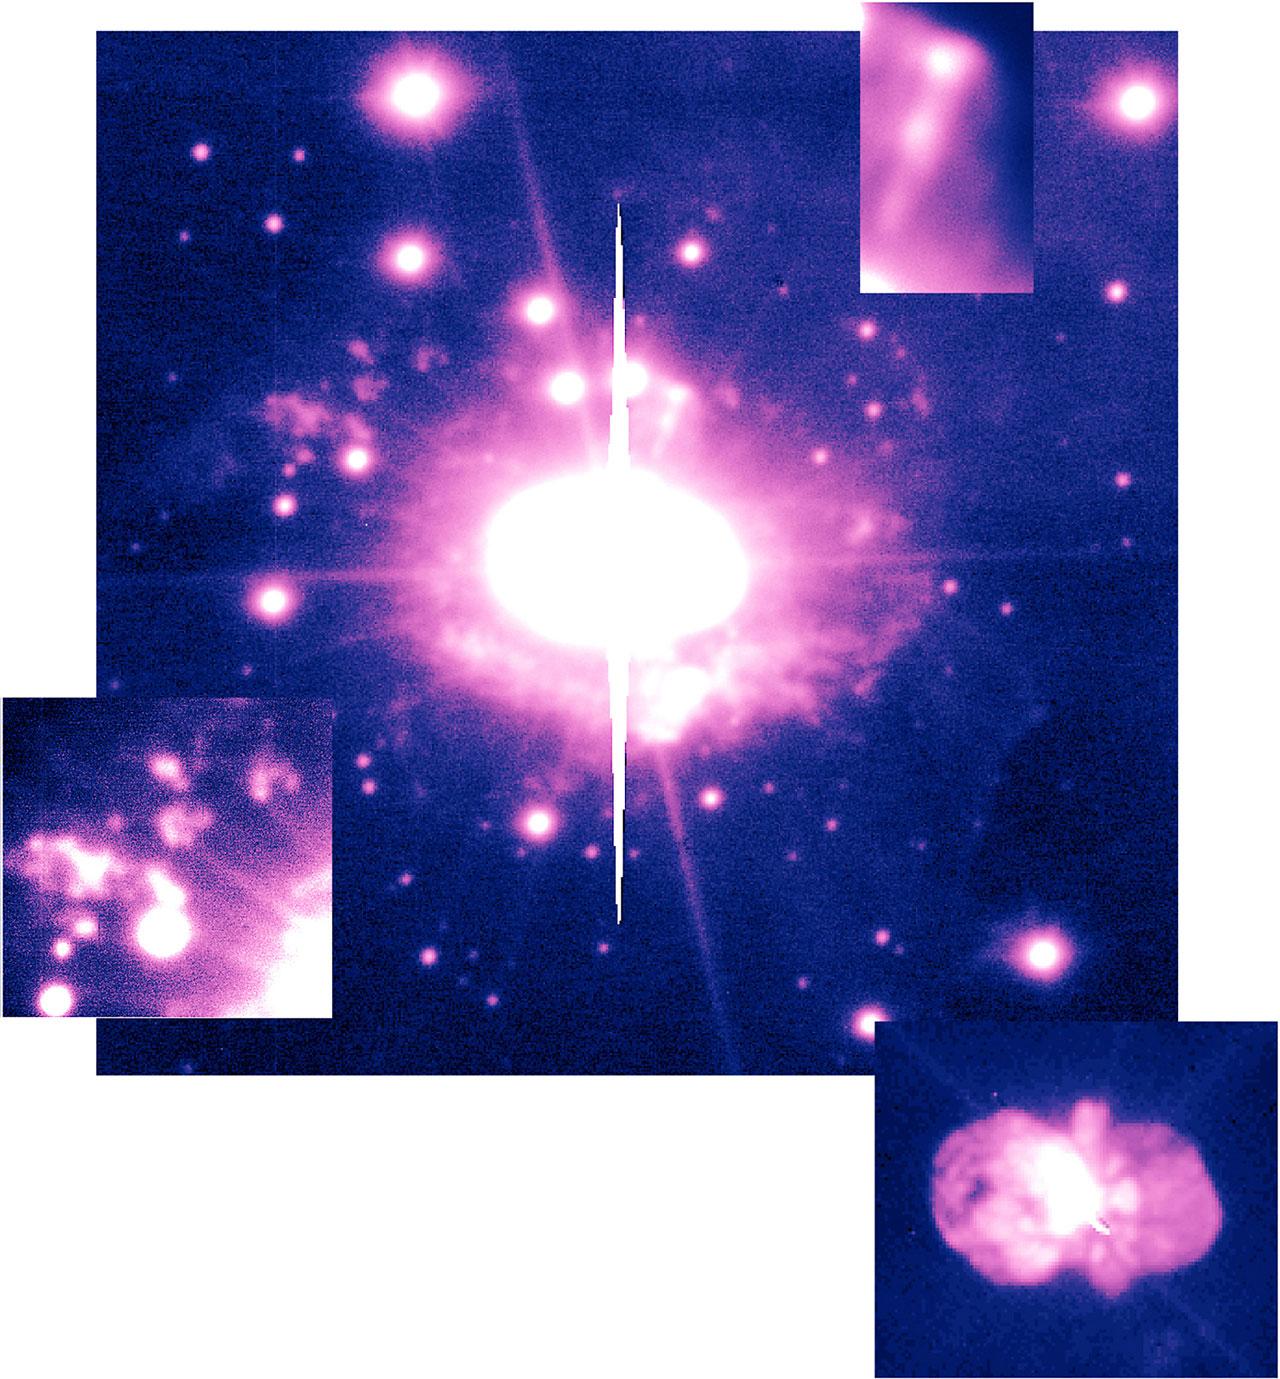 High-Velocity Ejecta in Eta Carinae